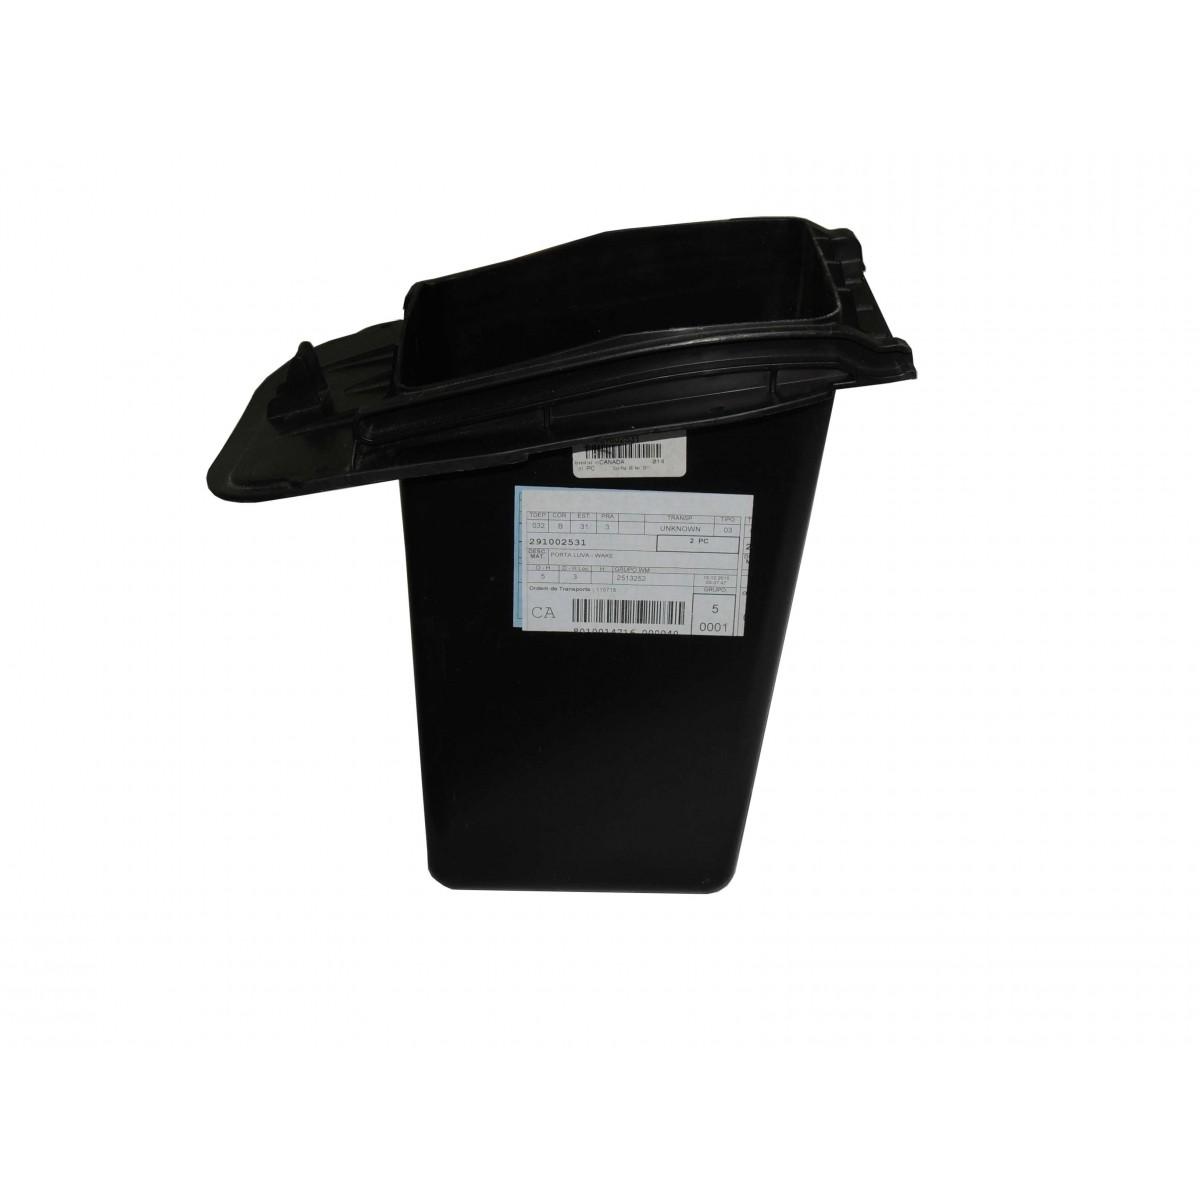 Console Porta Documento GTI*  - Radical Peças - Peças para Jet Ski